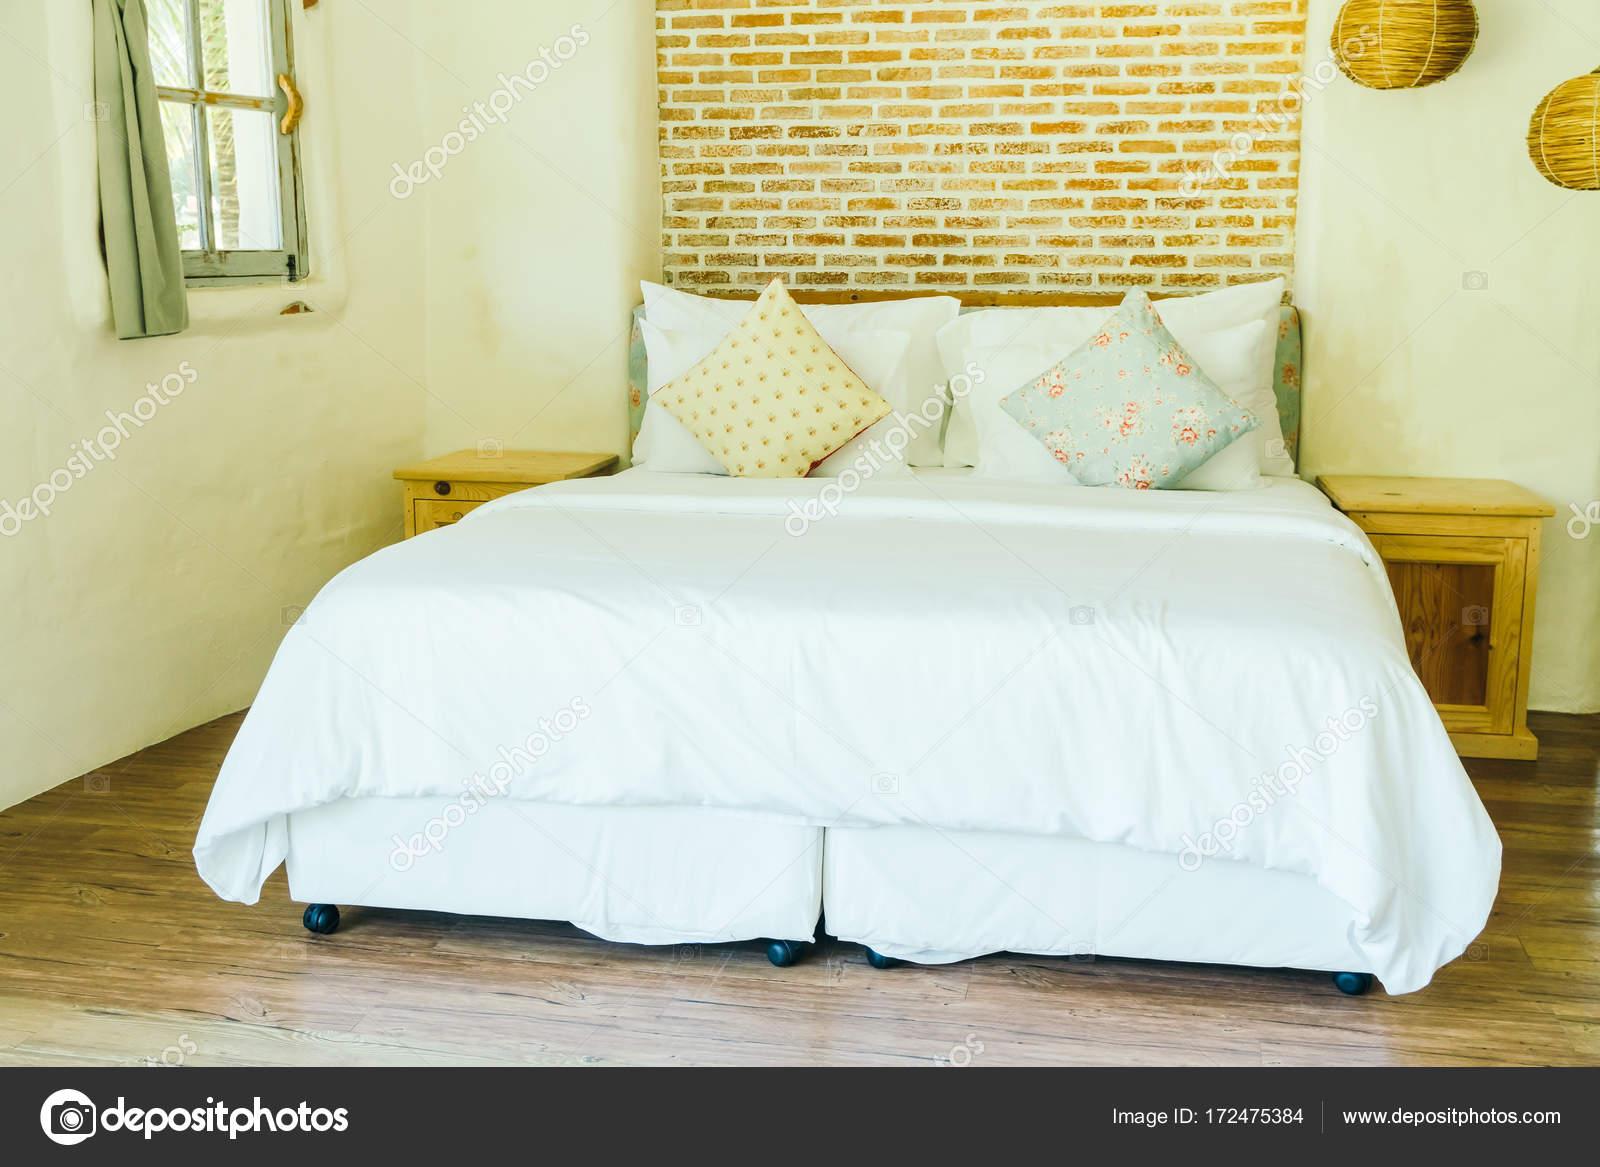 Kussen op het bed in de slaapkamer interieur decoratie u stockfoto